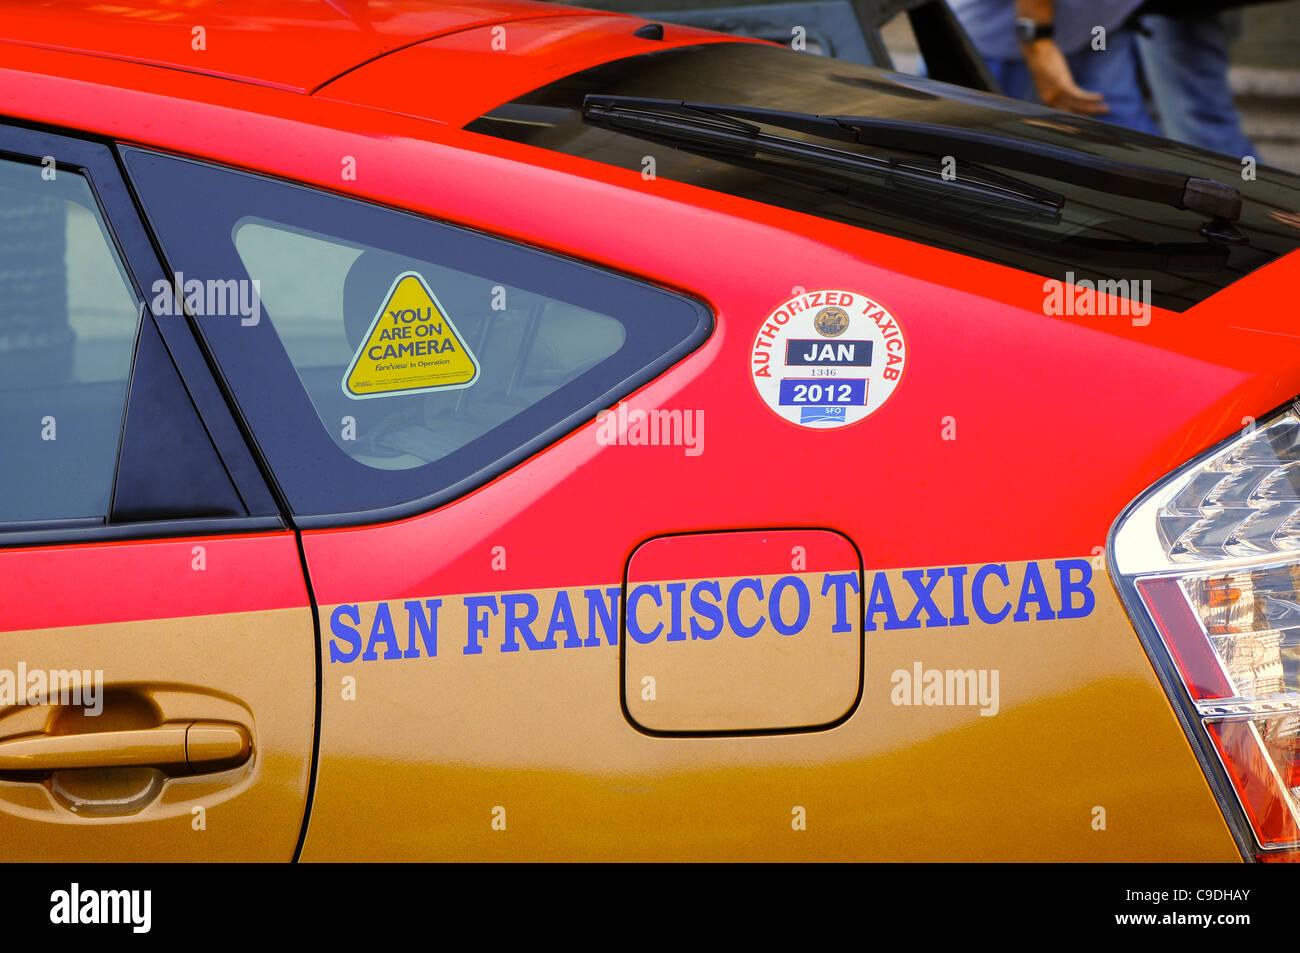 San Francisco taxicab, San Francisco, USA - Stock Image